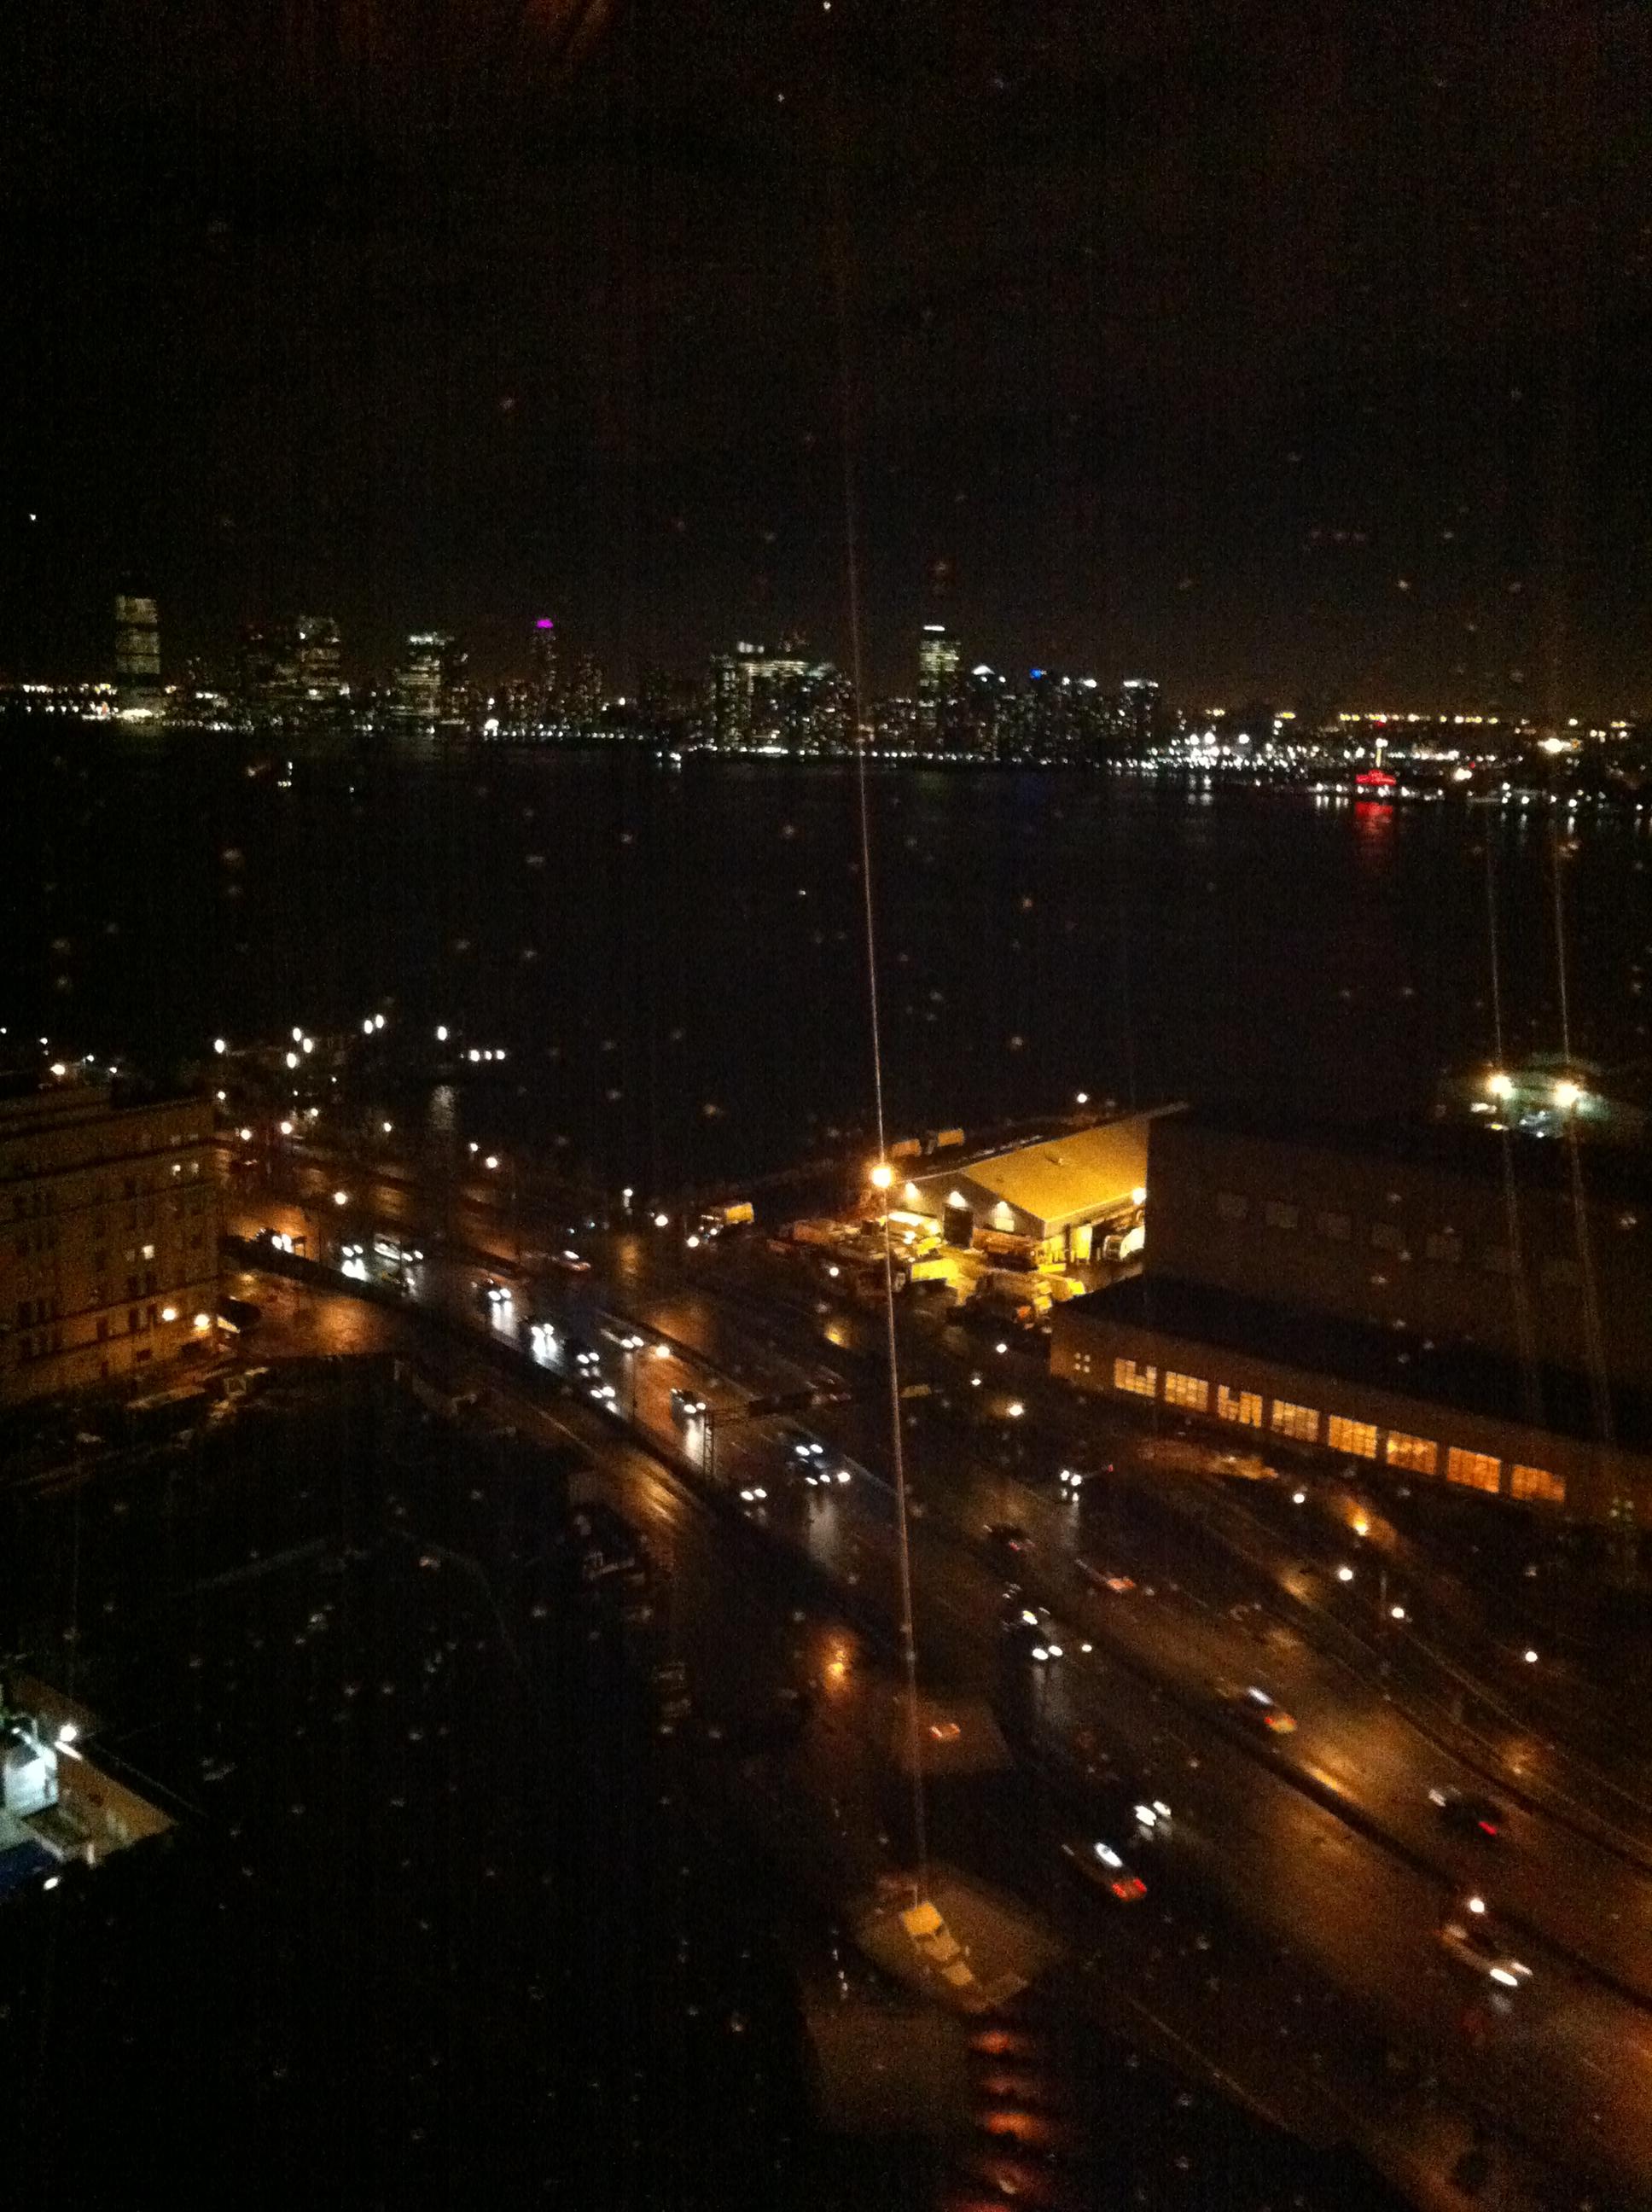 高空看曼哈顿夜景_图1-1